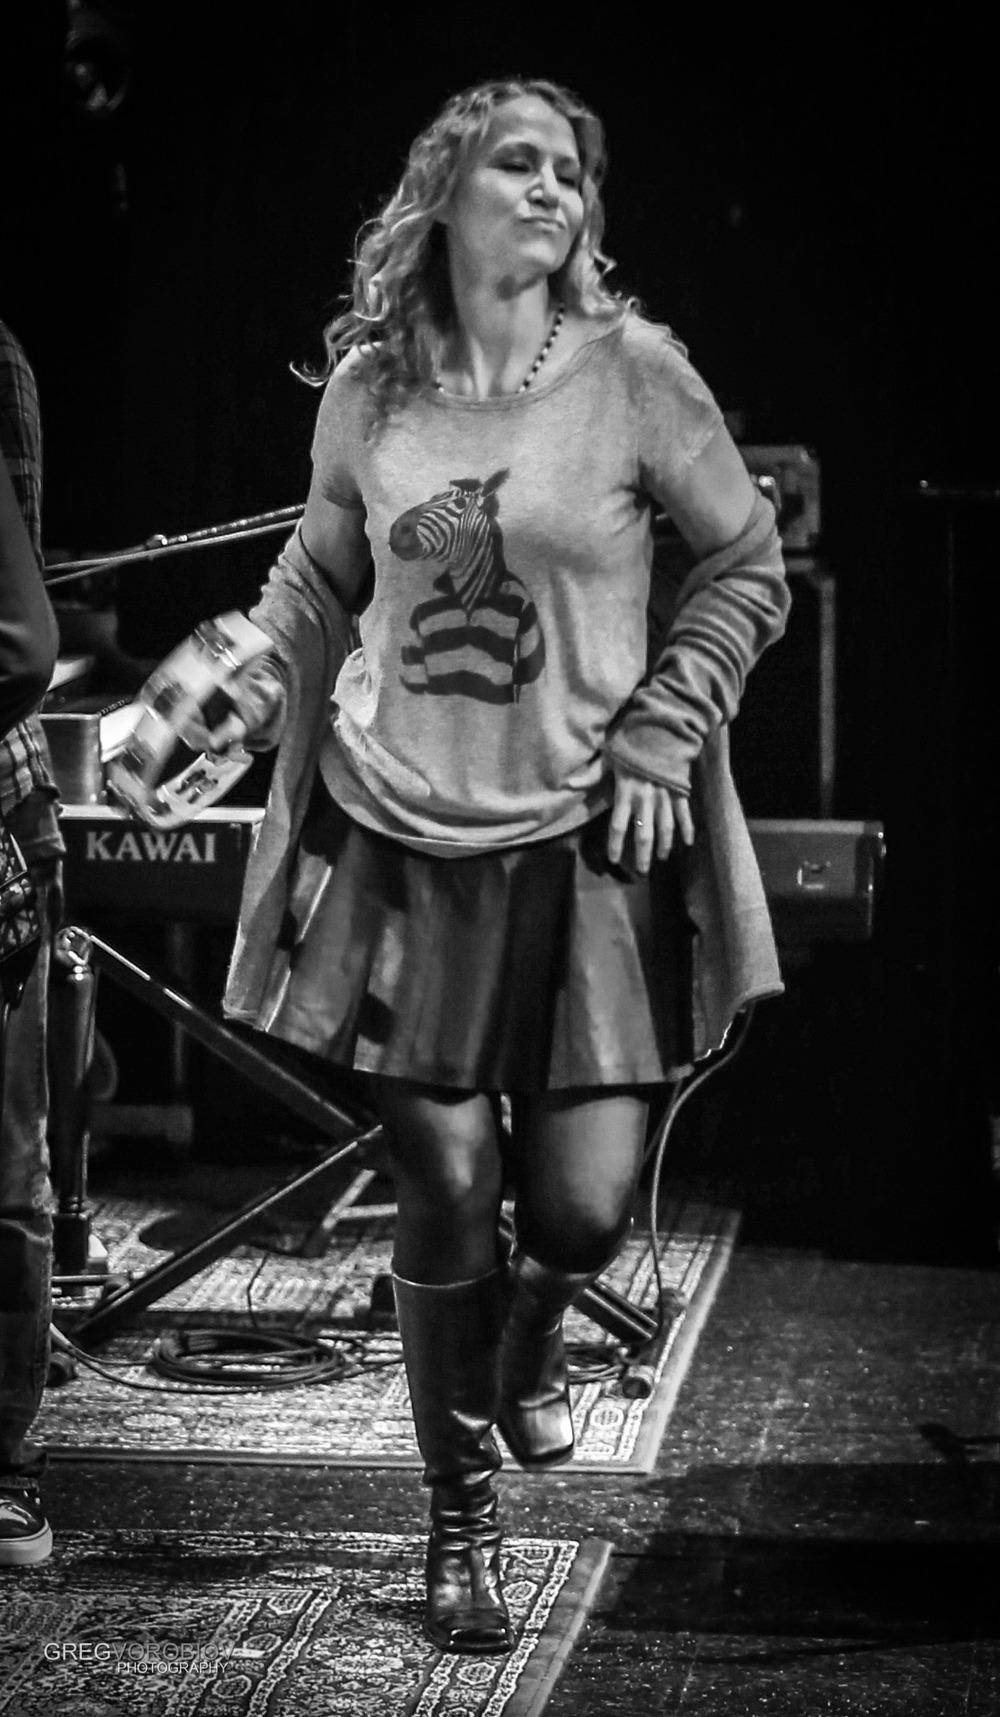 joan_osborne_trigger_hippy_concert_by_greg_vorobiov-1.jpg